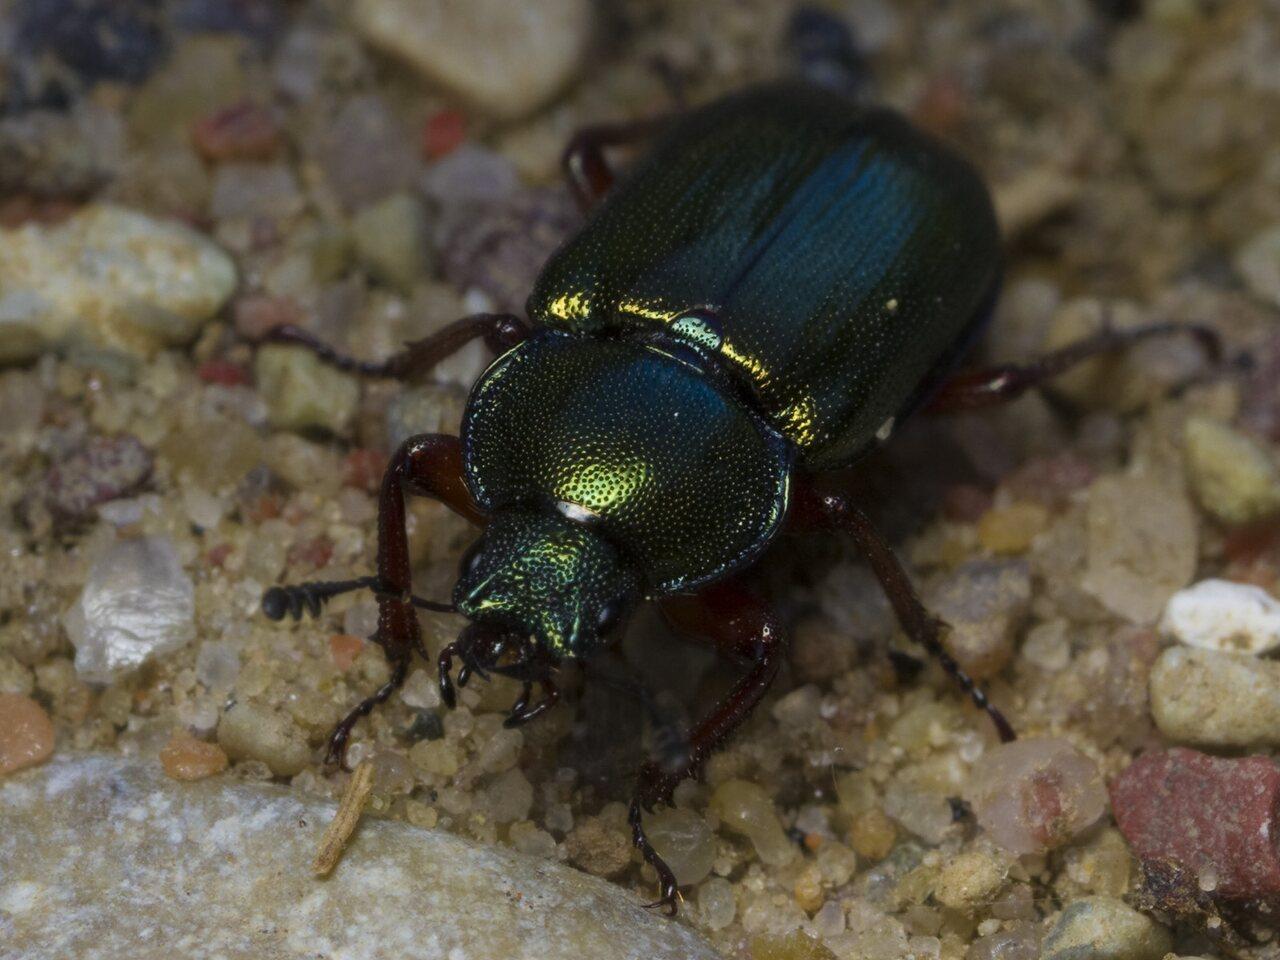 Platycerus-caraboides-1593.jpg